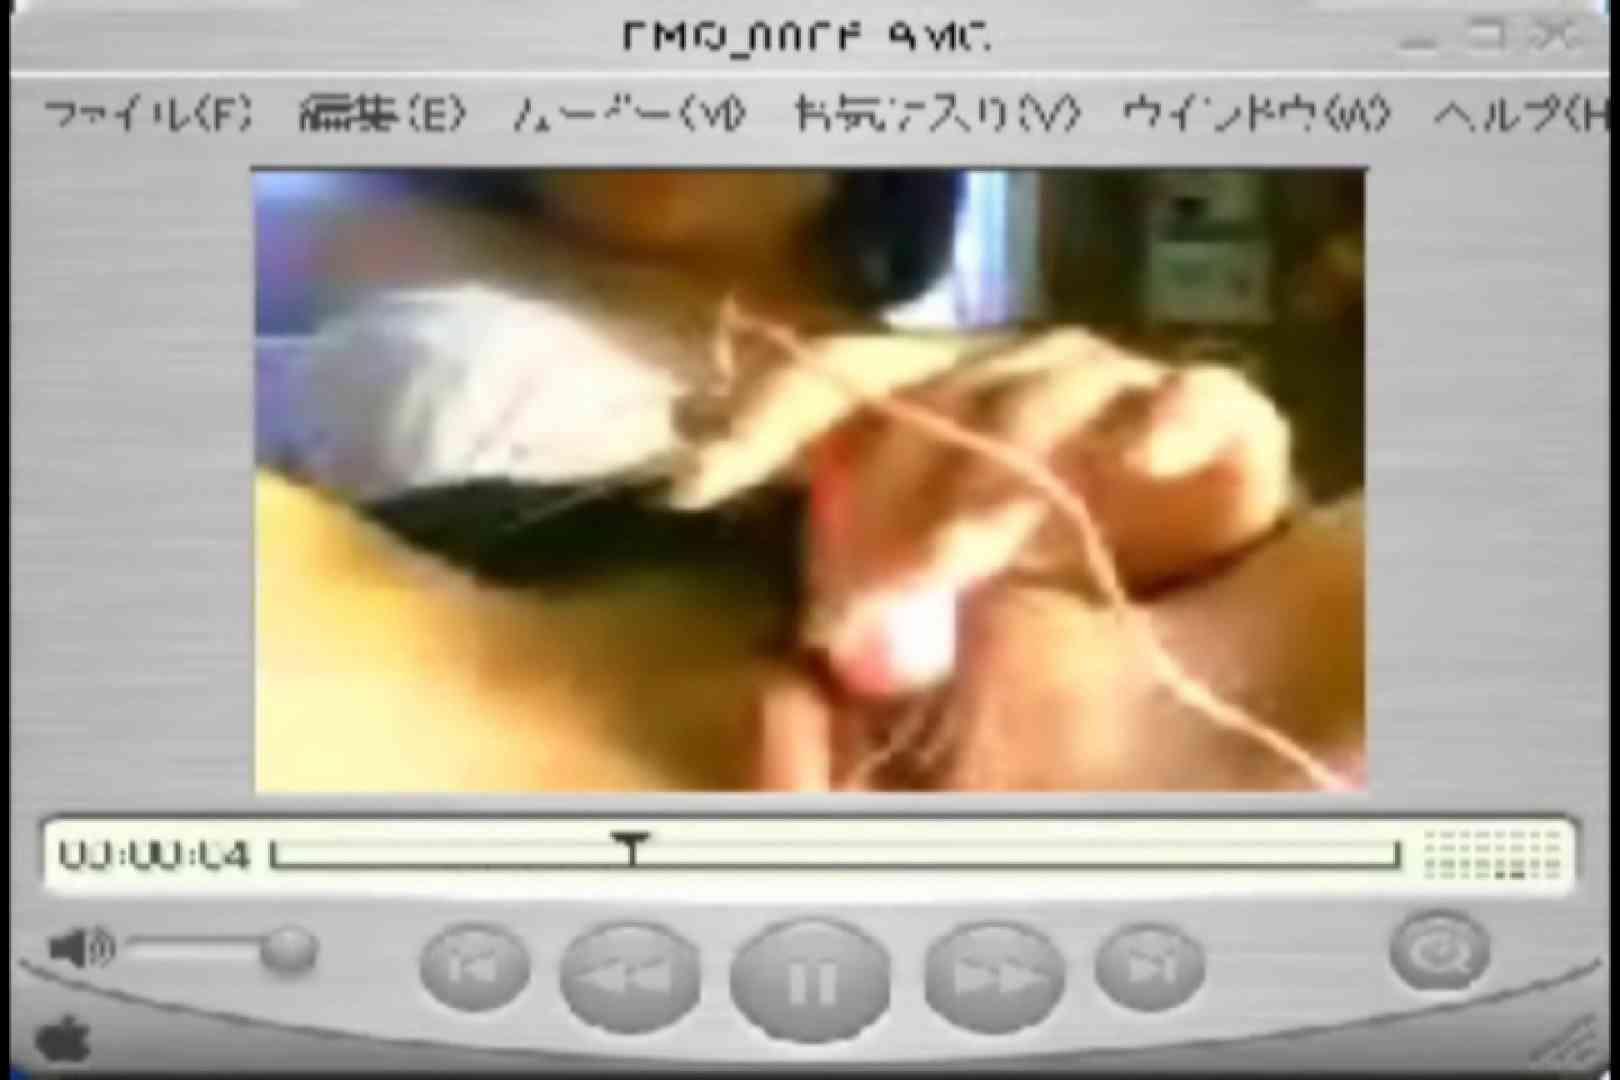 Shigeruのアルバム 流出作品  63連発 56